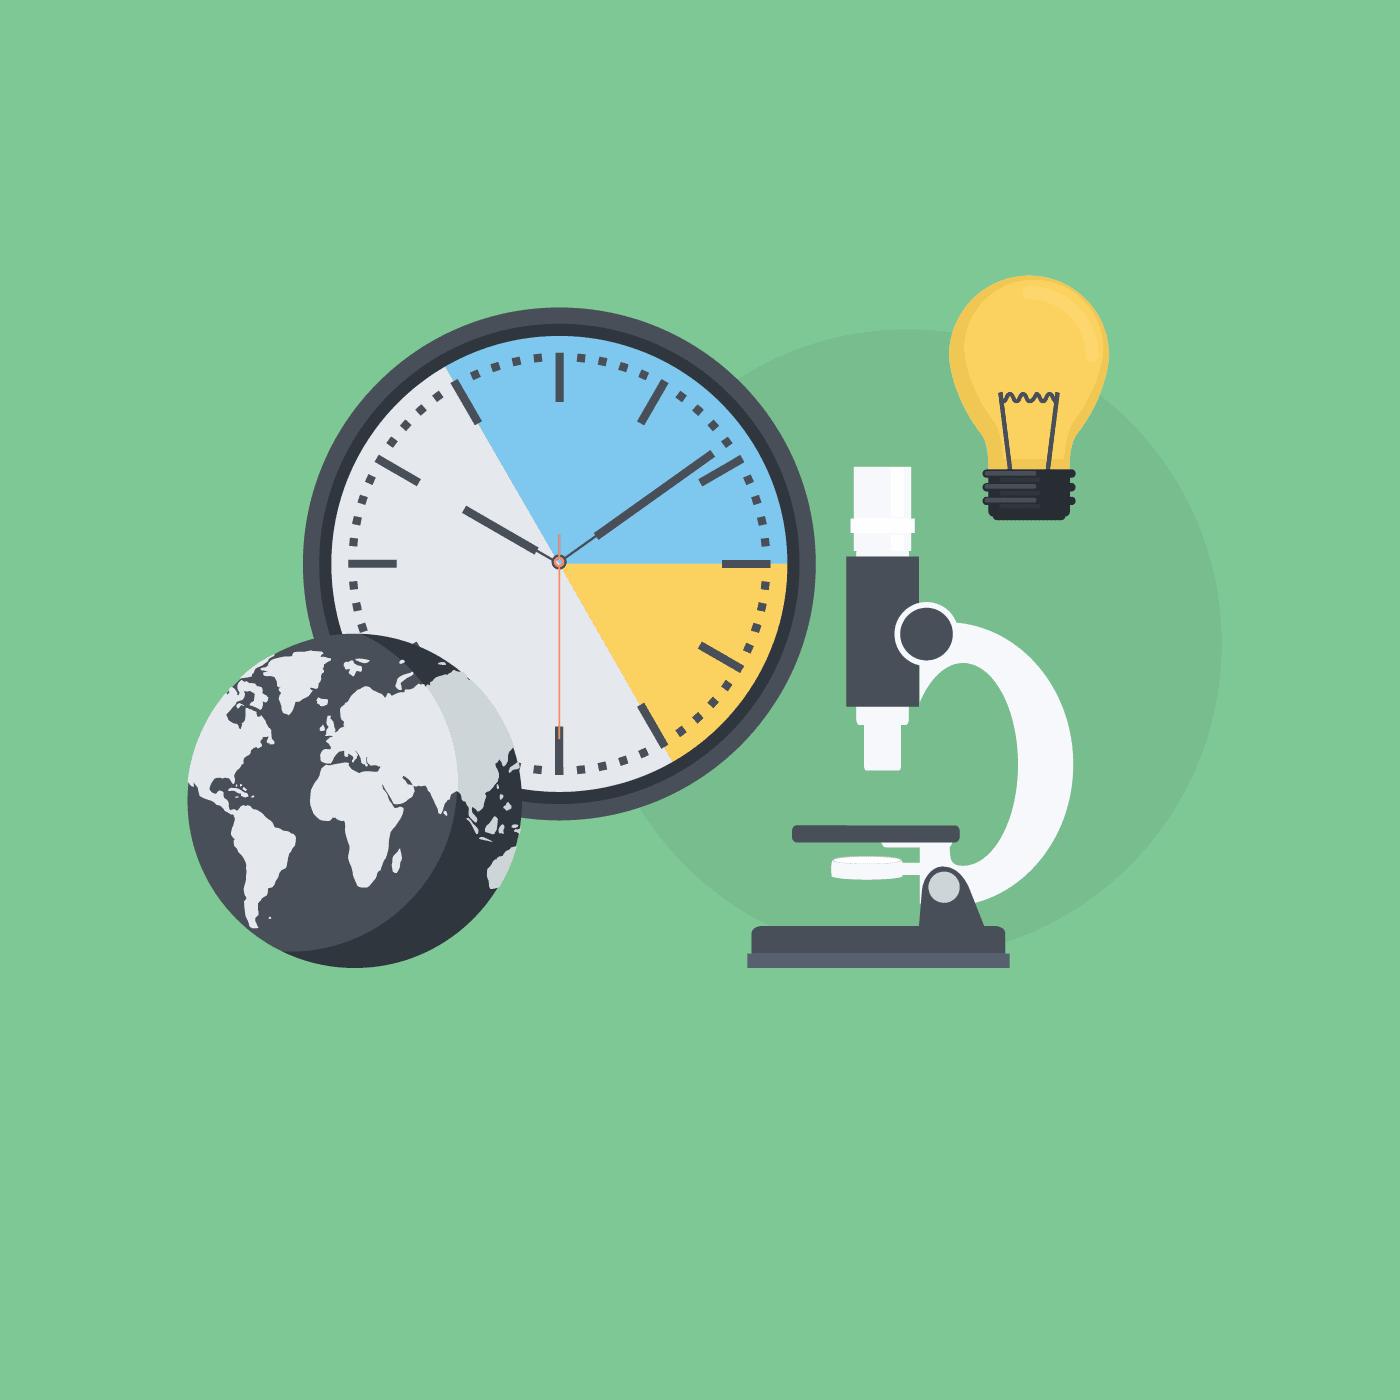 Eine Illustration von einer Uhr, einer Lampe, einem Mikroskop und einer Weltkugel